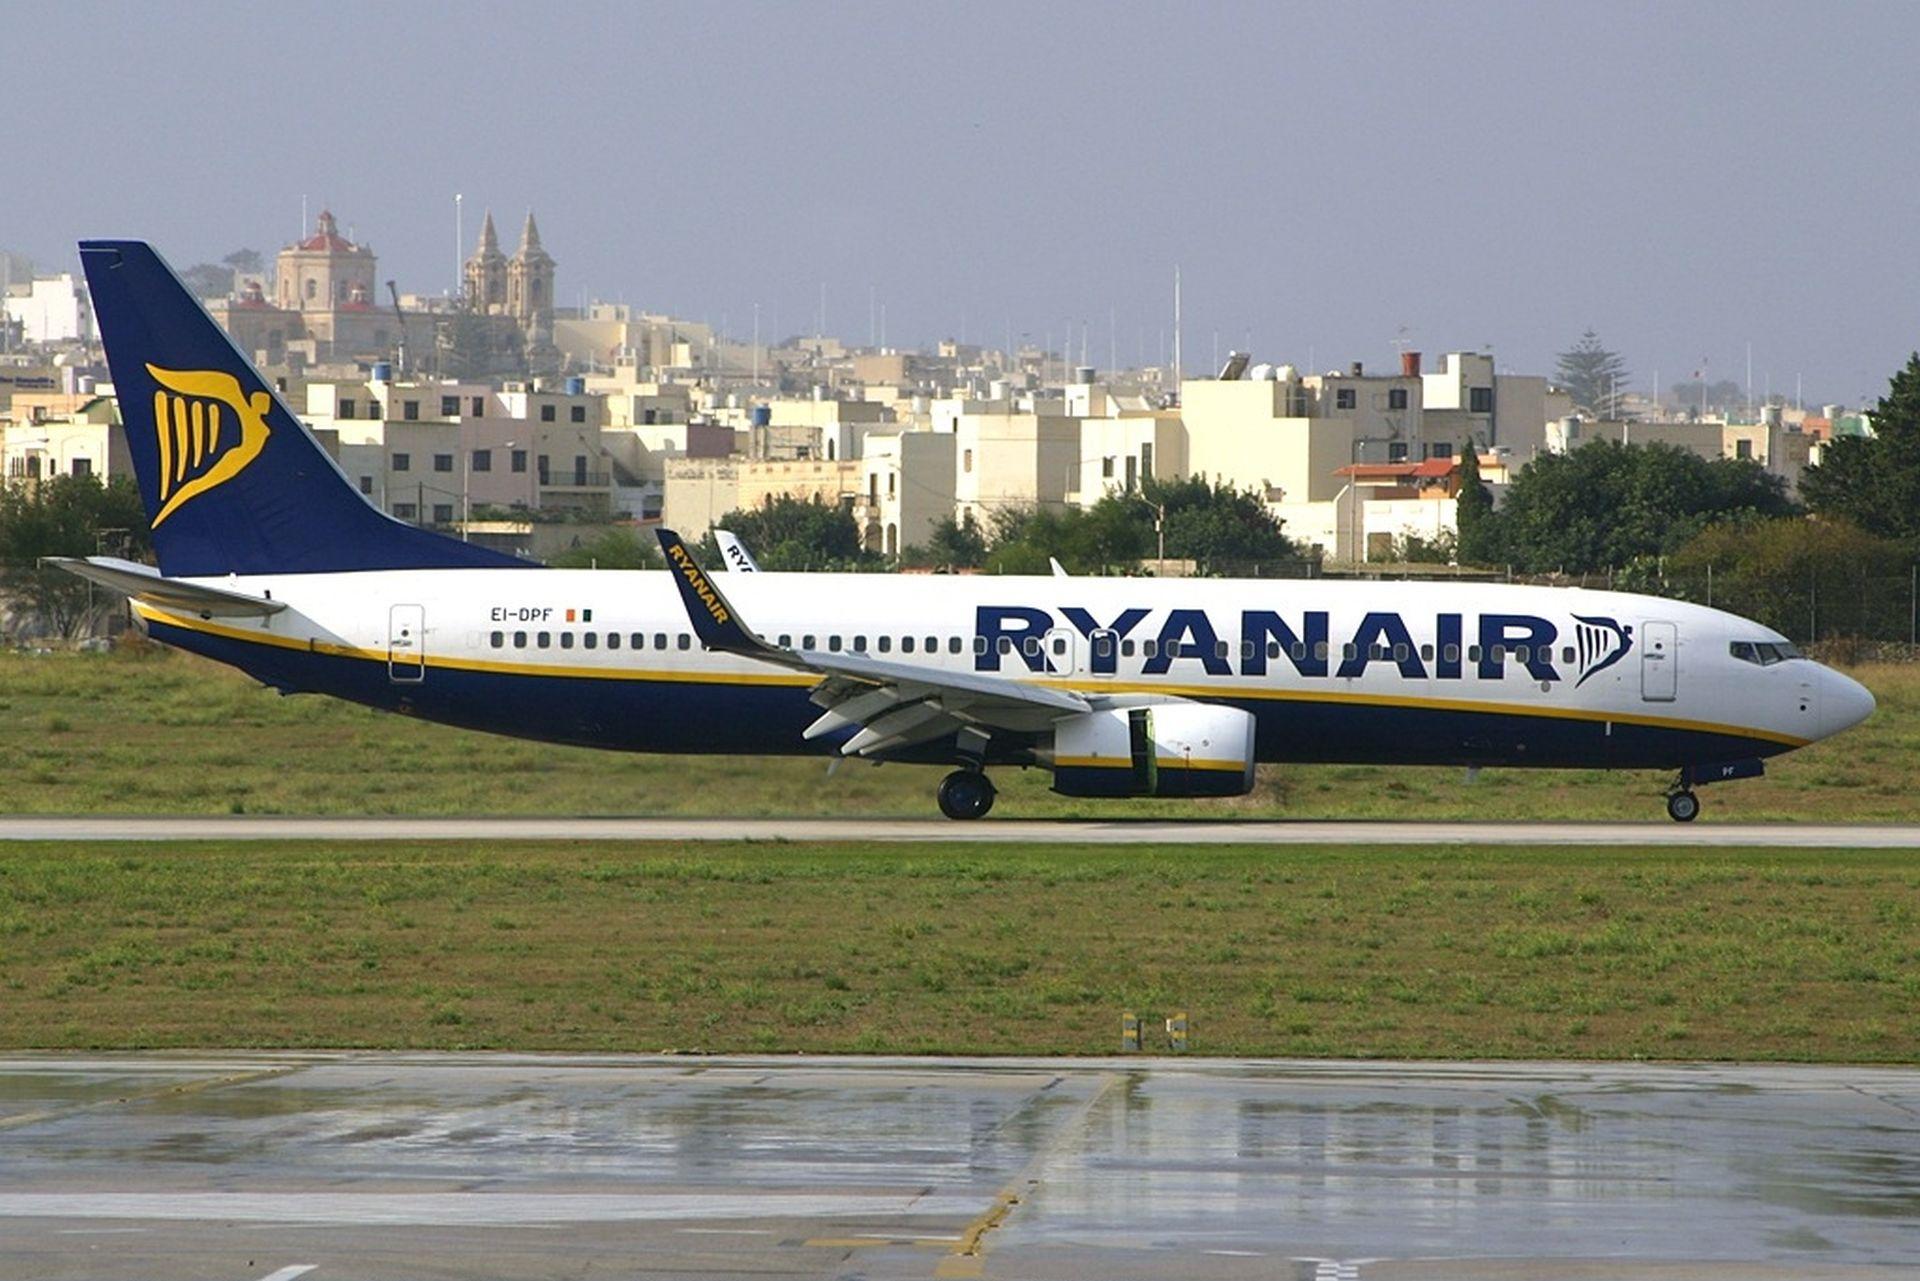 Boeing 737-800 společnosti Ryanair na Maltě. Foto: Peter Bakema / Wikimedia Commons